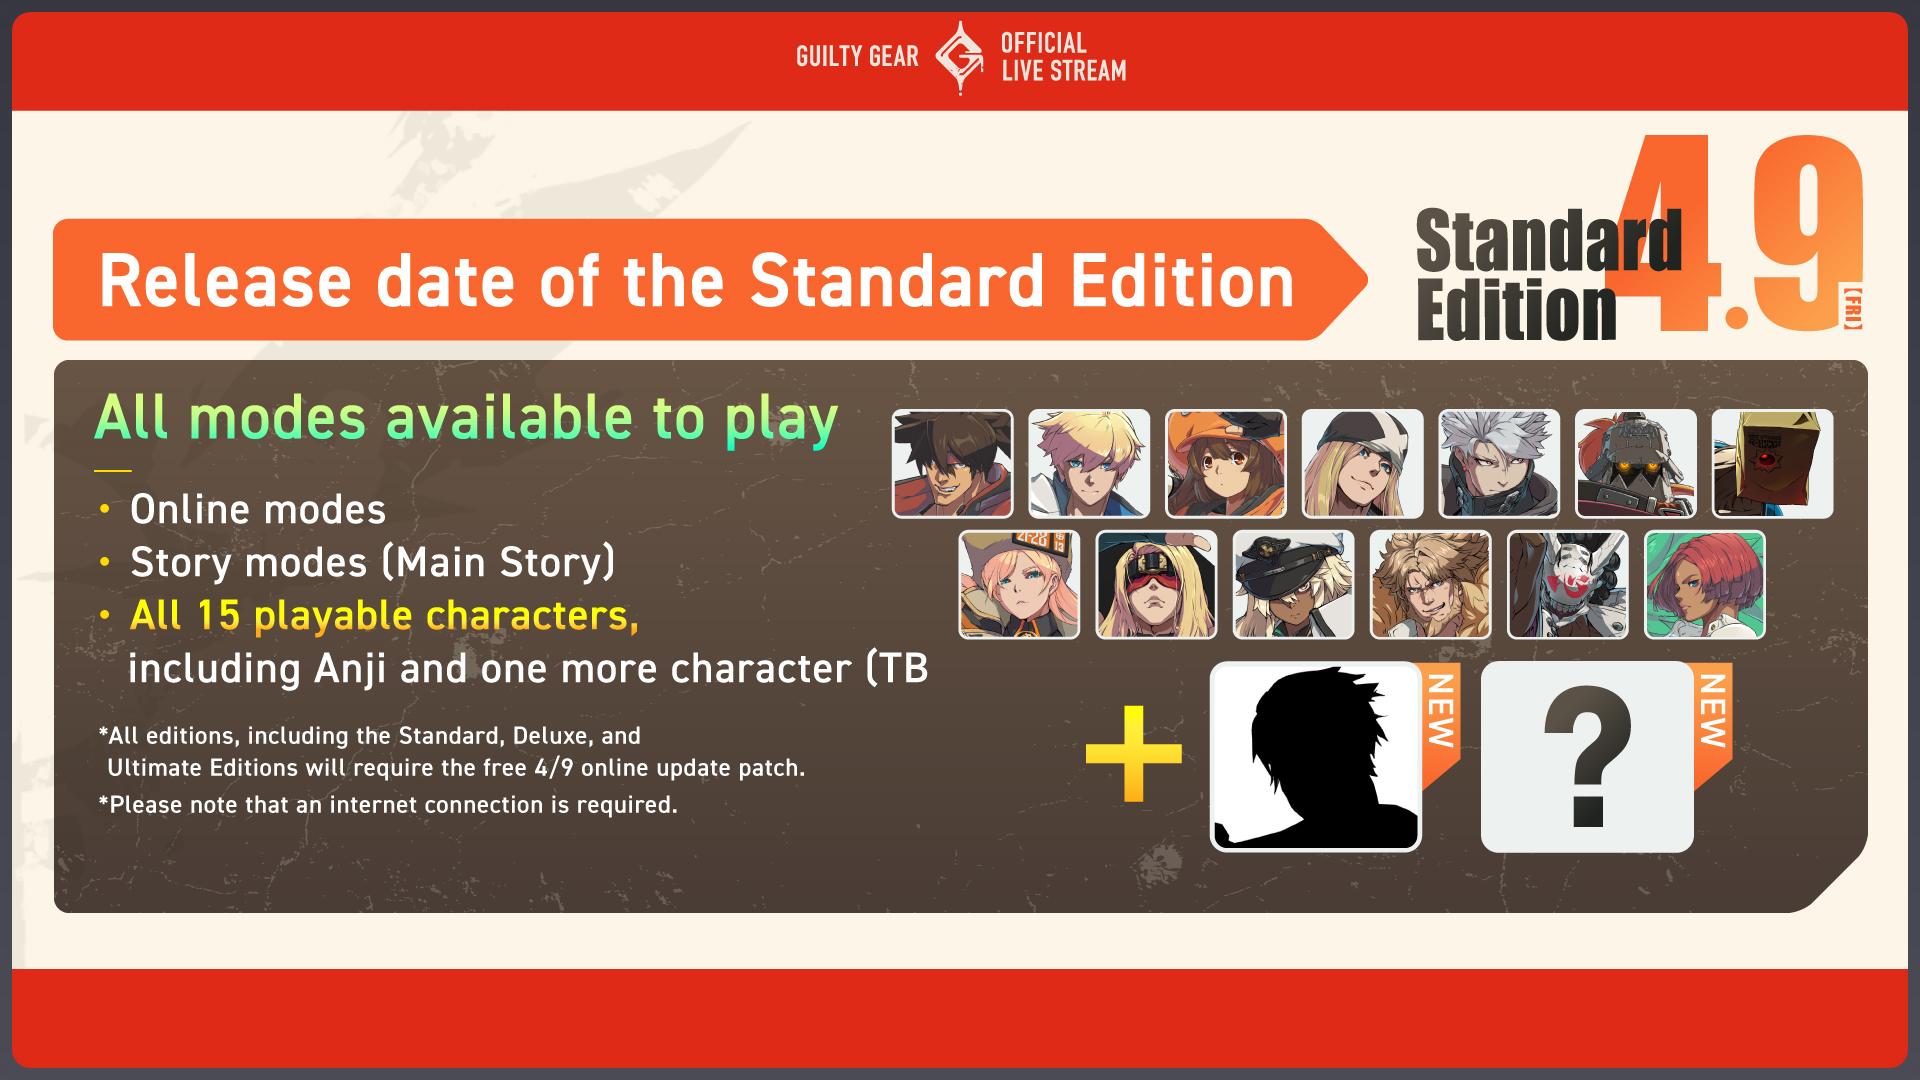 《罪恶装备:Strive》次世代版本免费升级 主机版支持跨平台